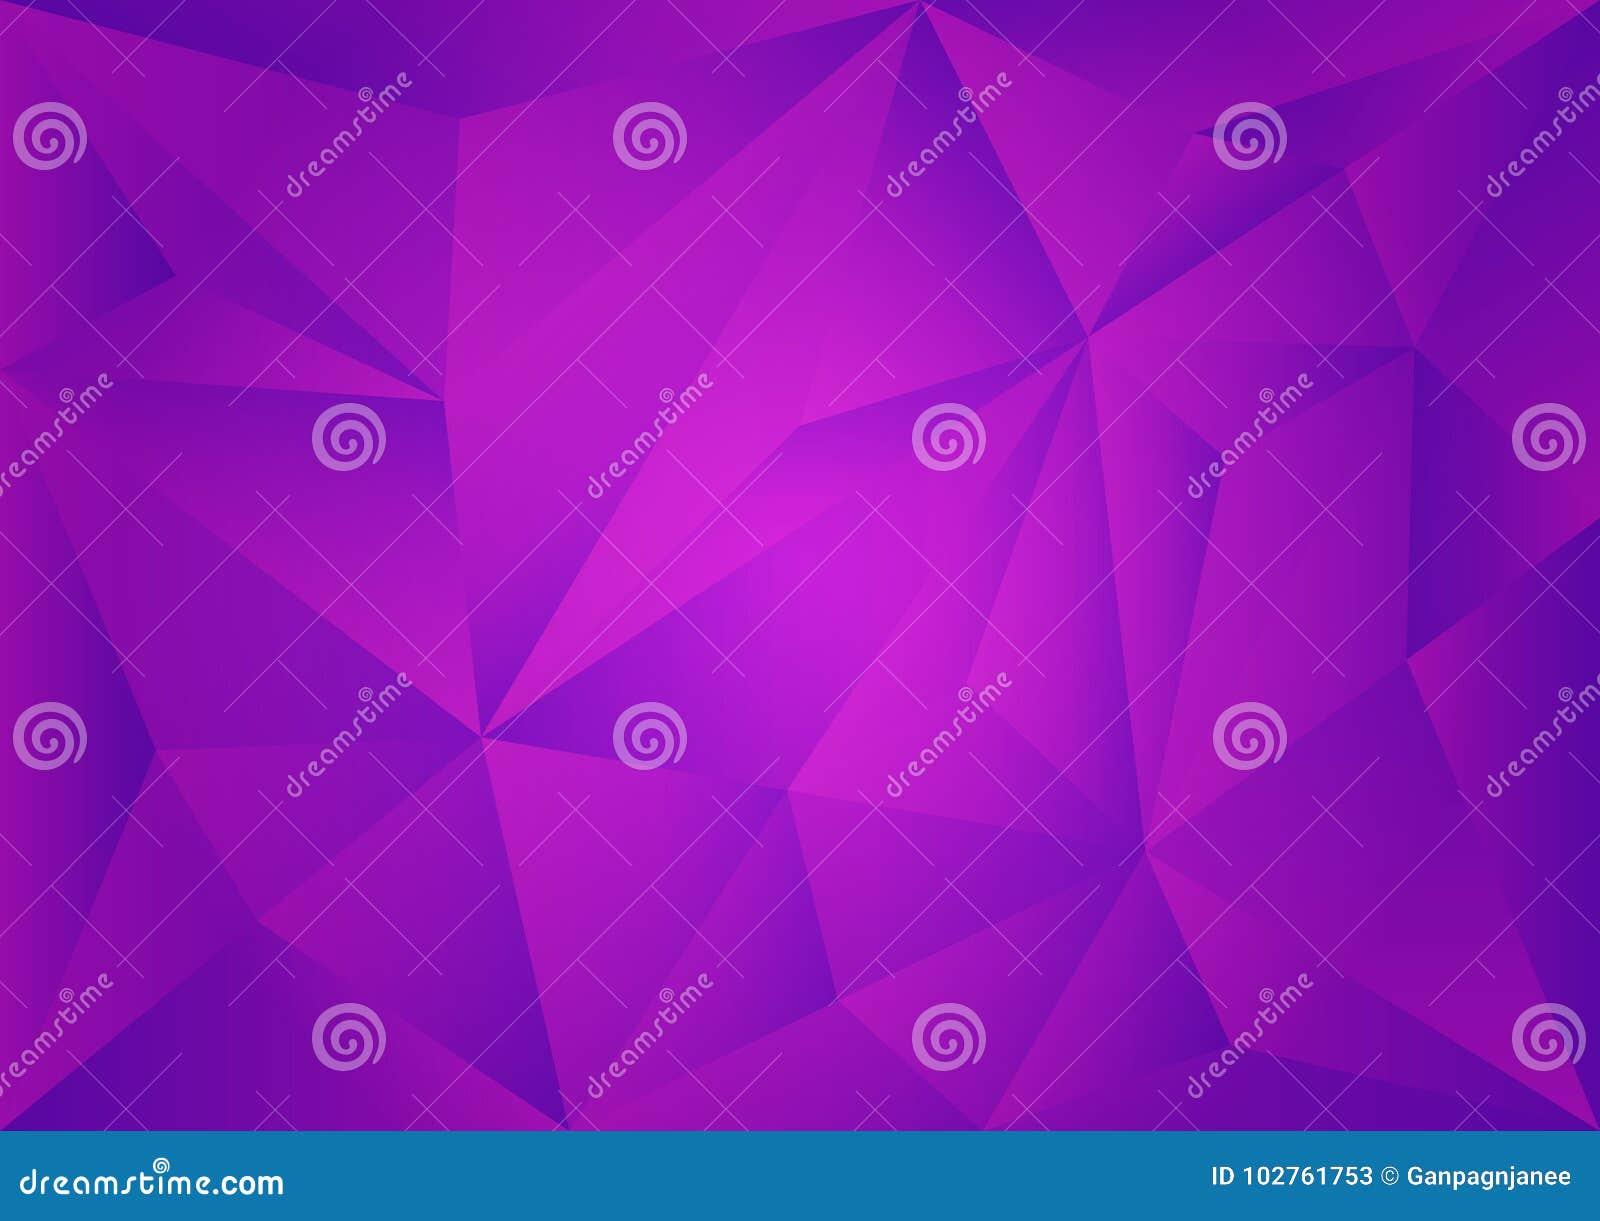 Purpurroter polygonaler Hintergrund, Vektorillustration, abstrakte Beschaffenheit